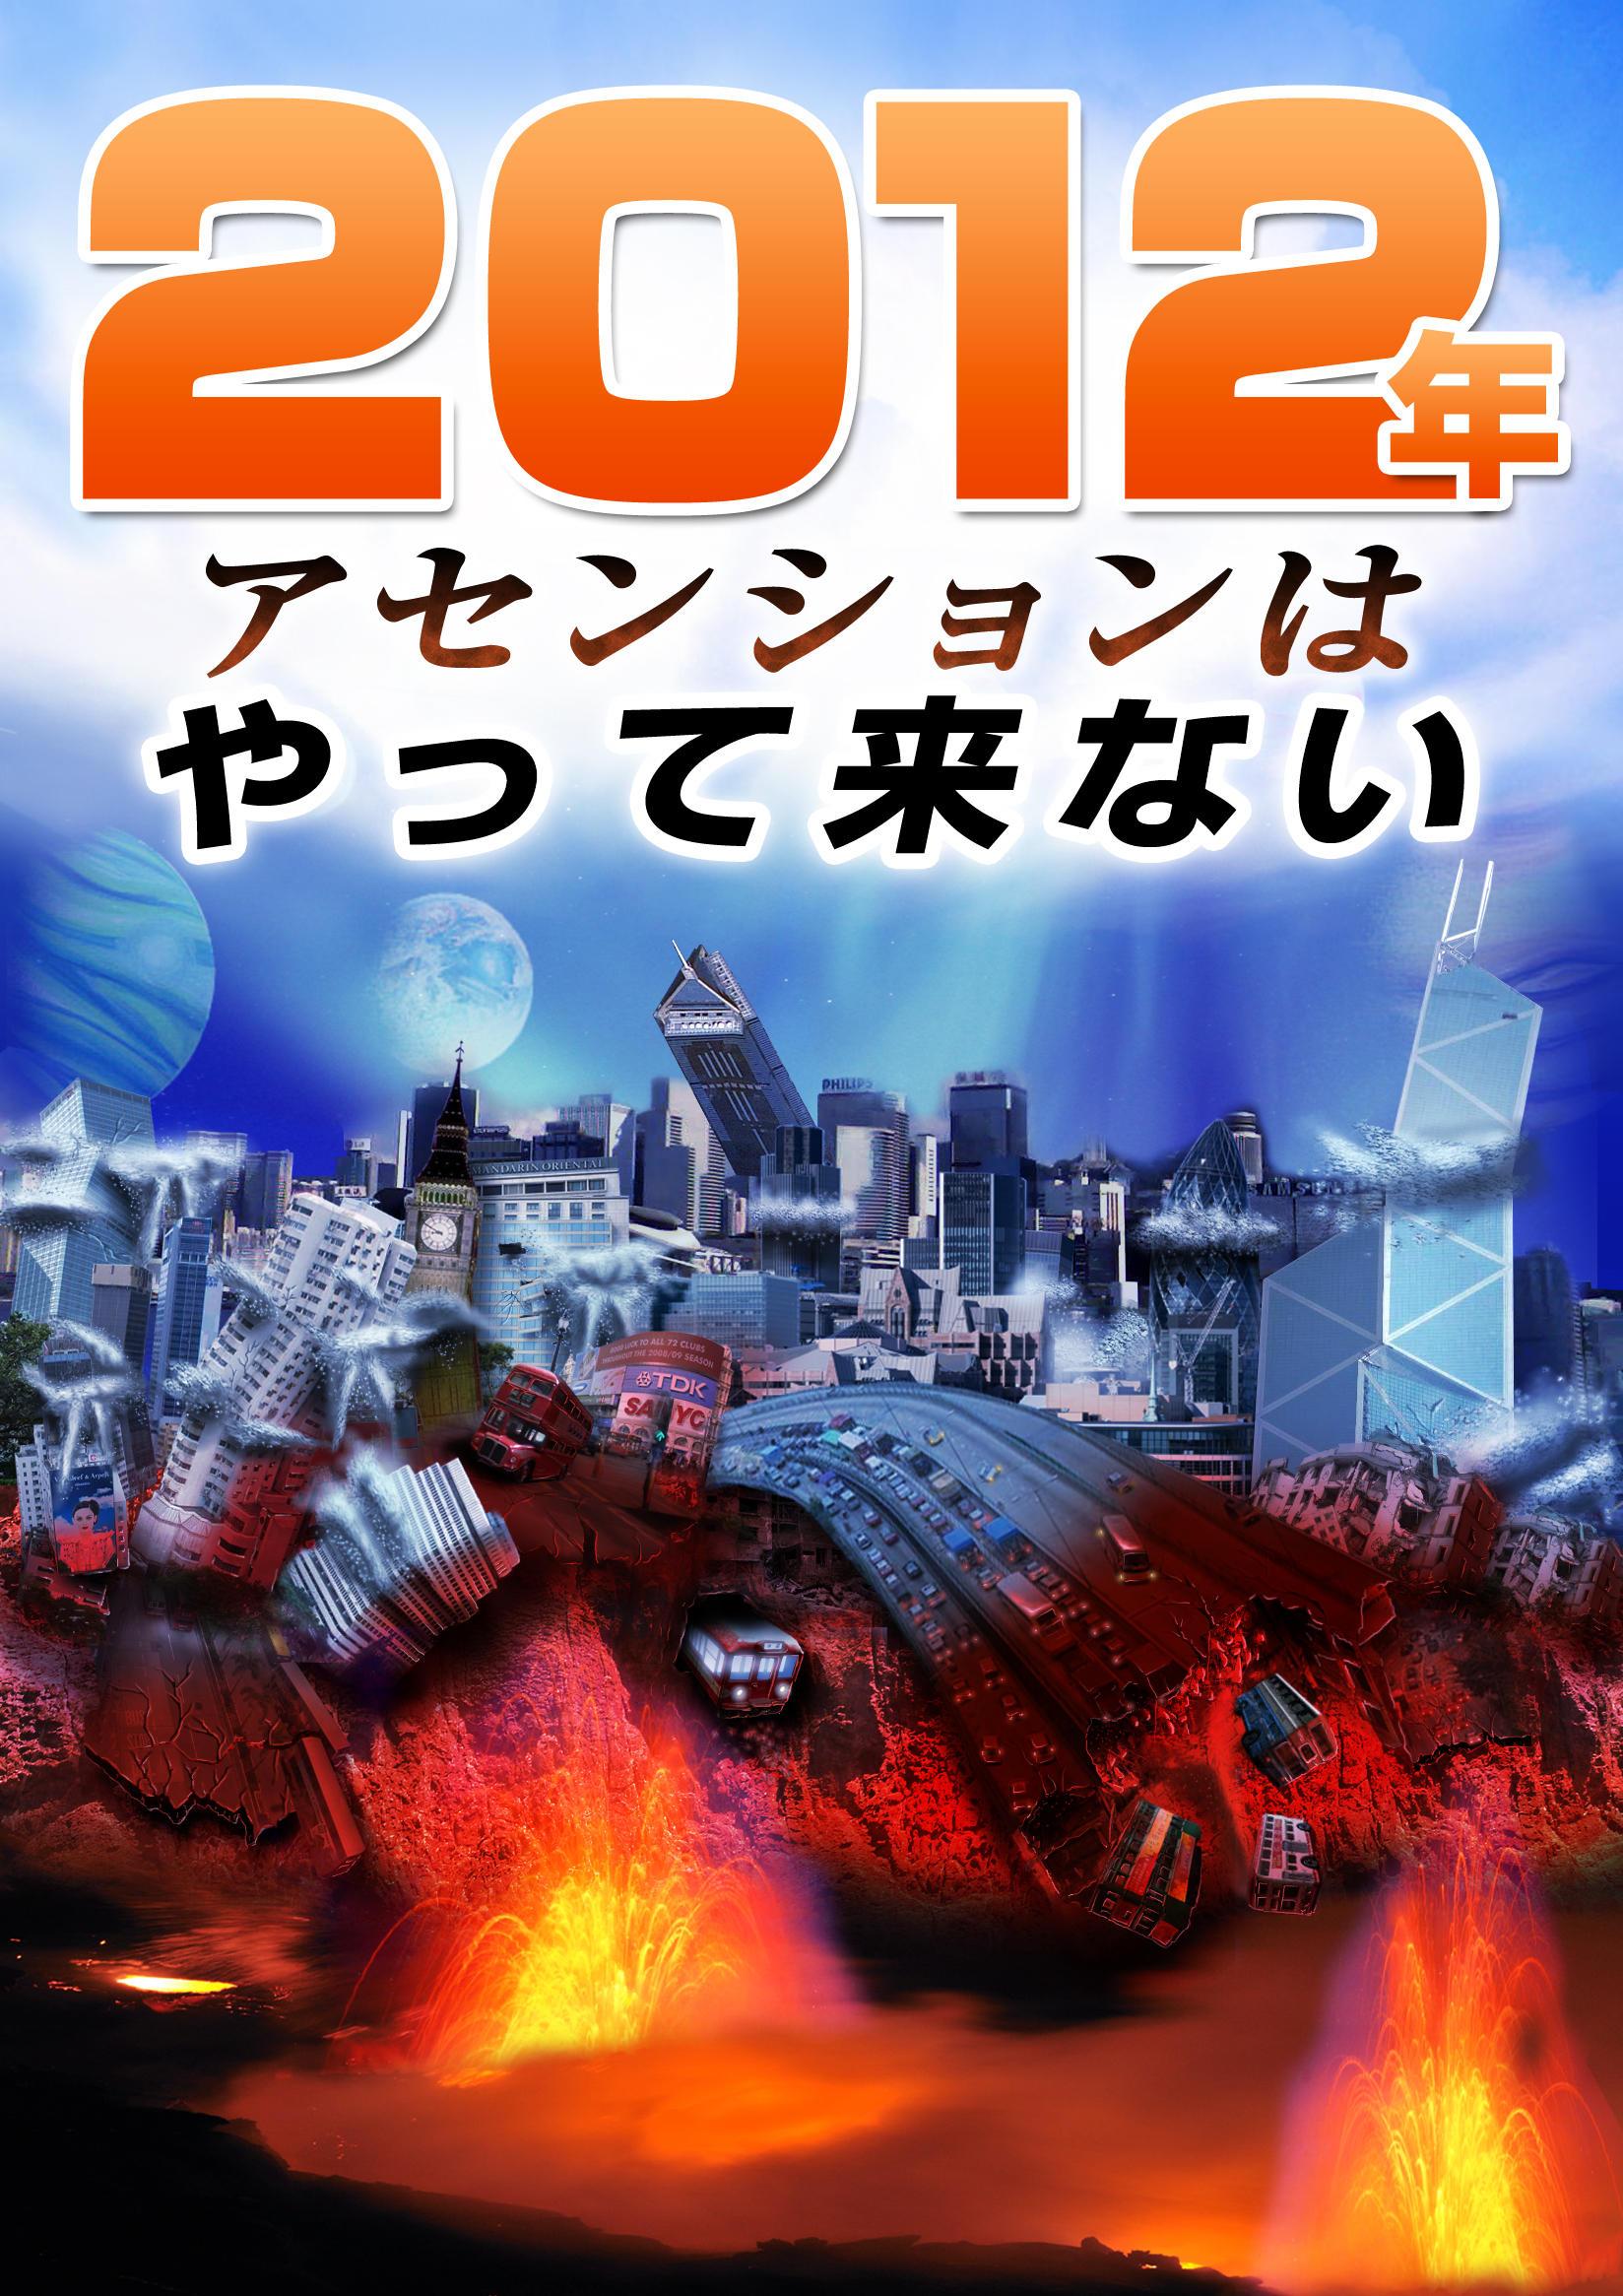 第六作「2012年 アセンションは やって来ない」について